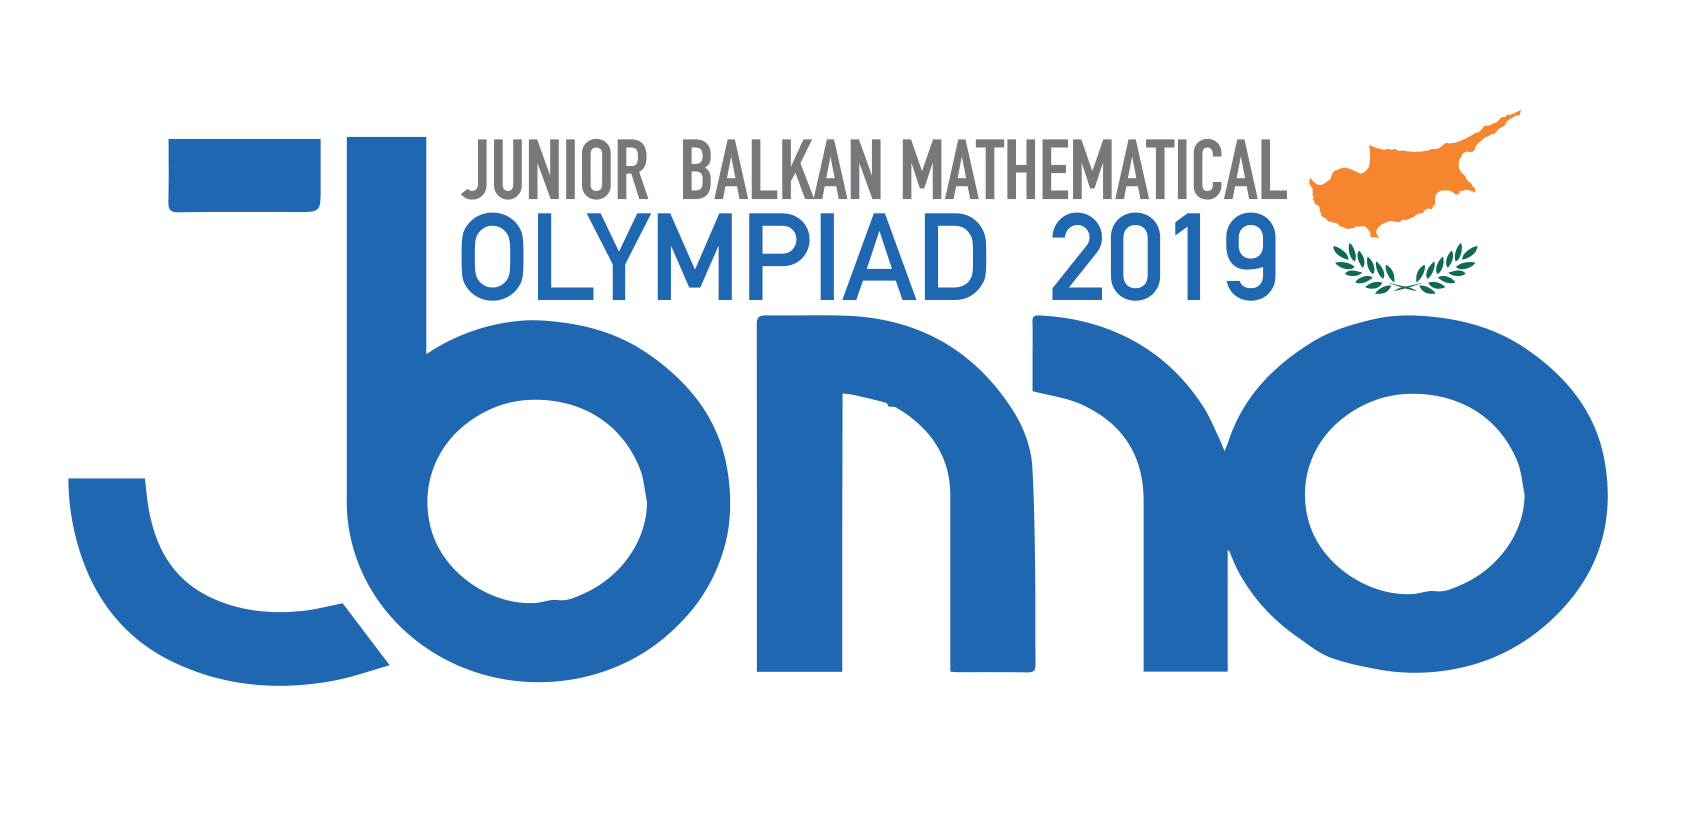 jbmo 2019 logo